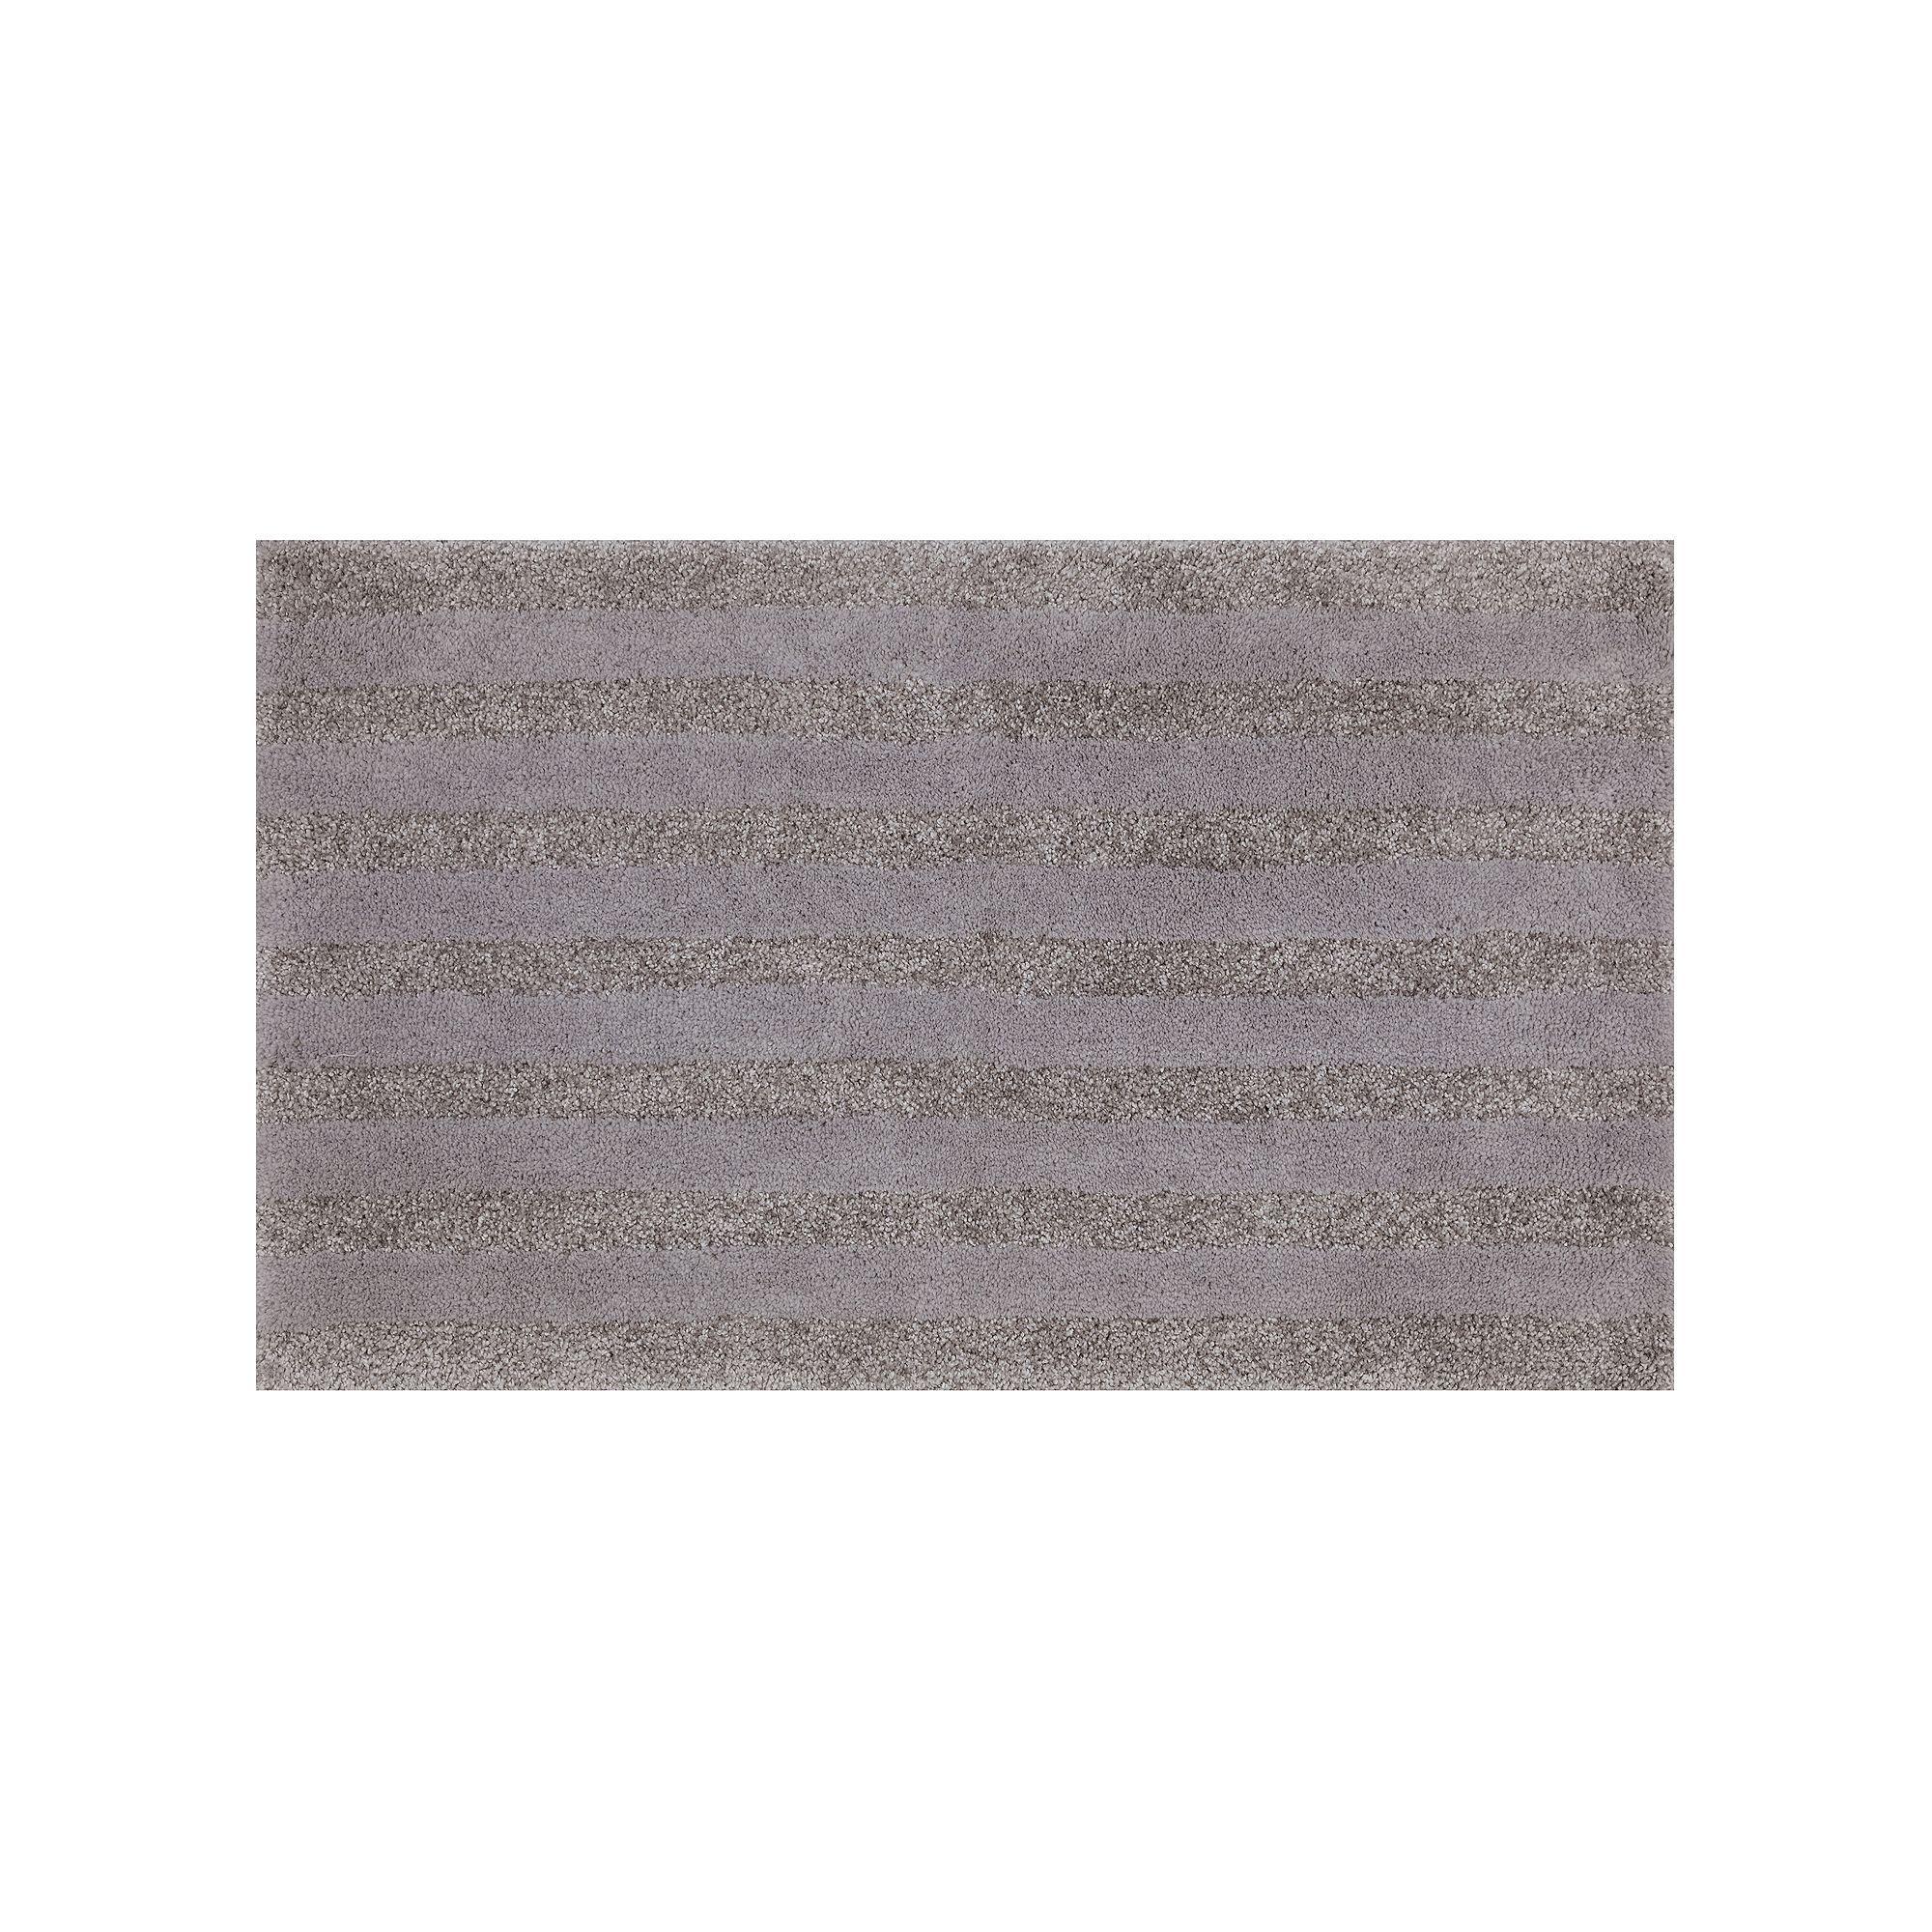 Mohawk Home Hd Striped Bath Rug 24 X 40 Grey 24x40